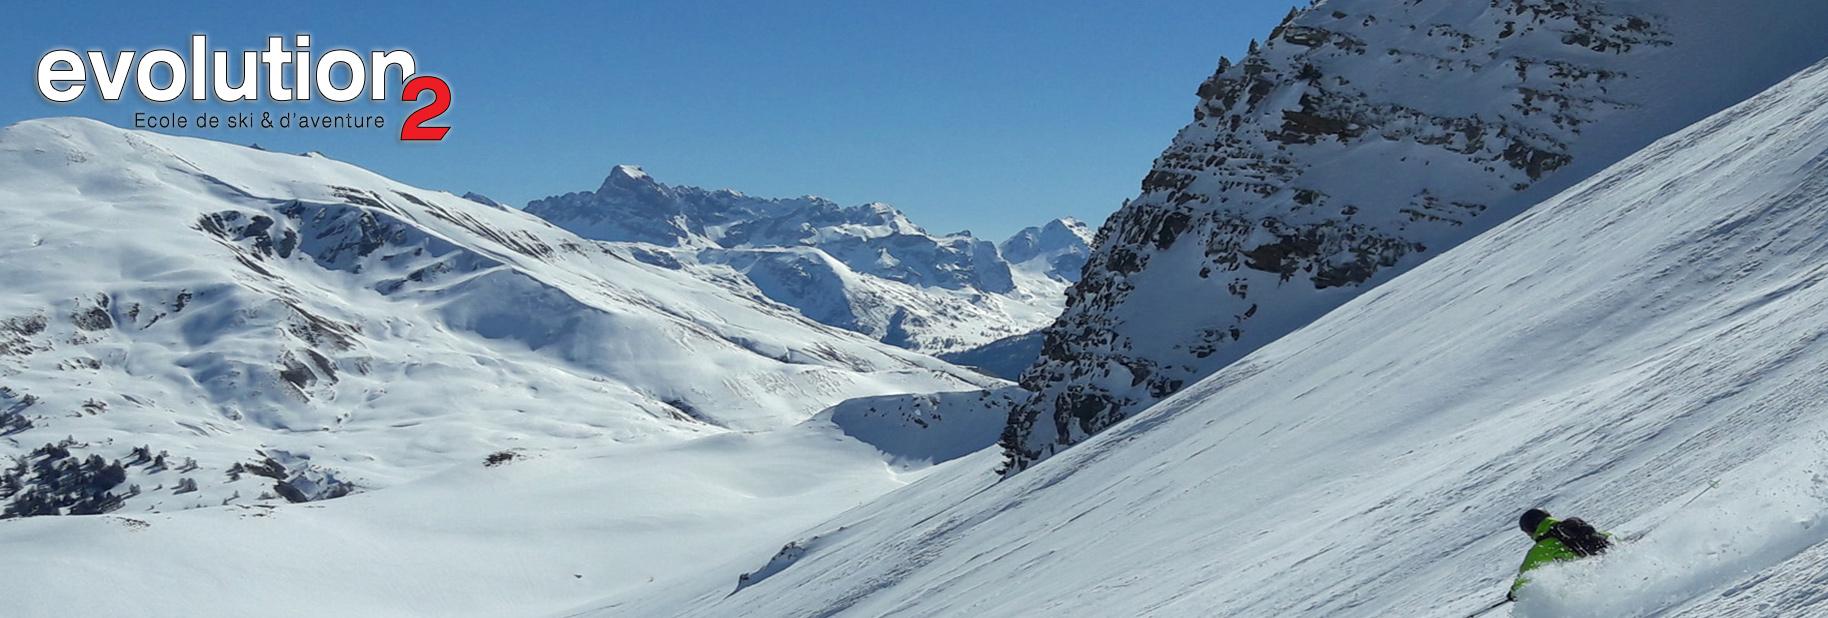 sejour-ski-hautes-alpes-evo2